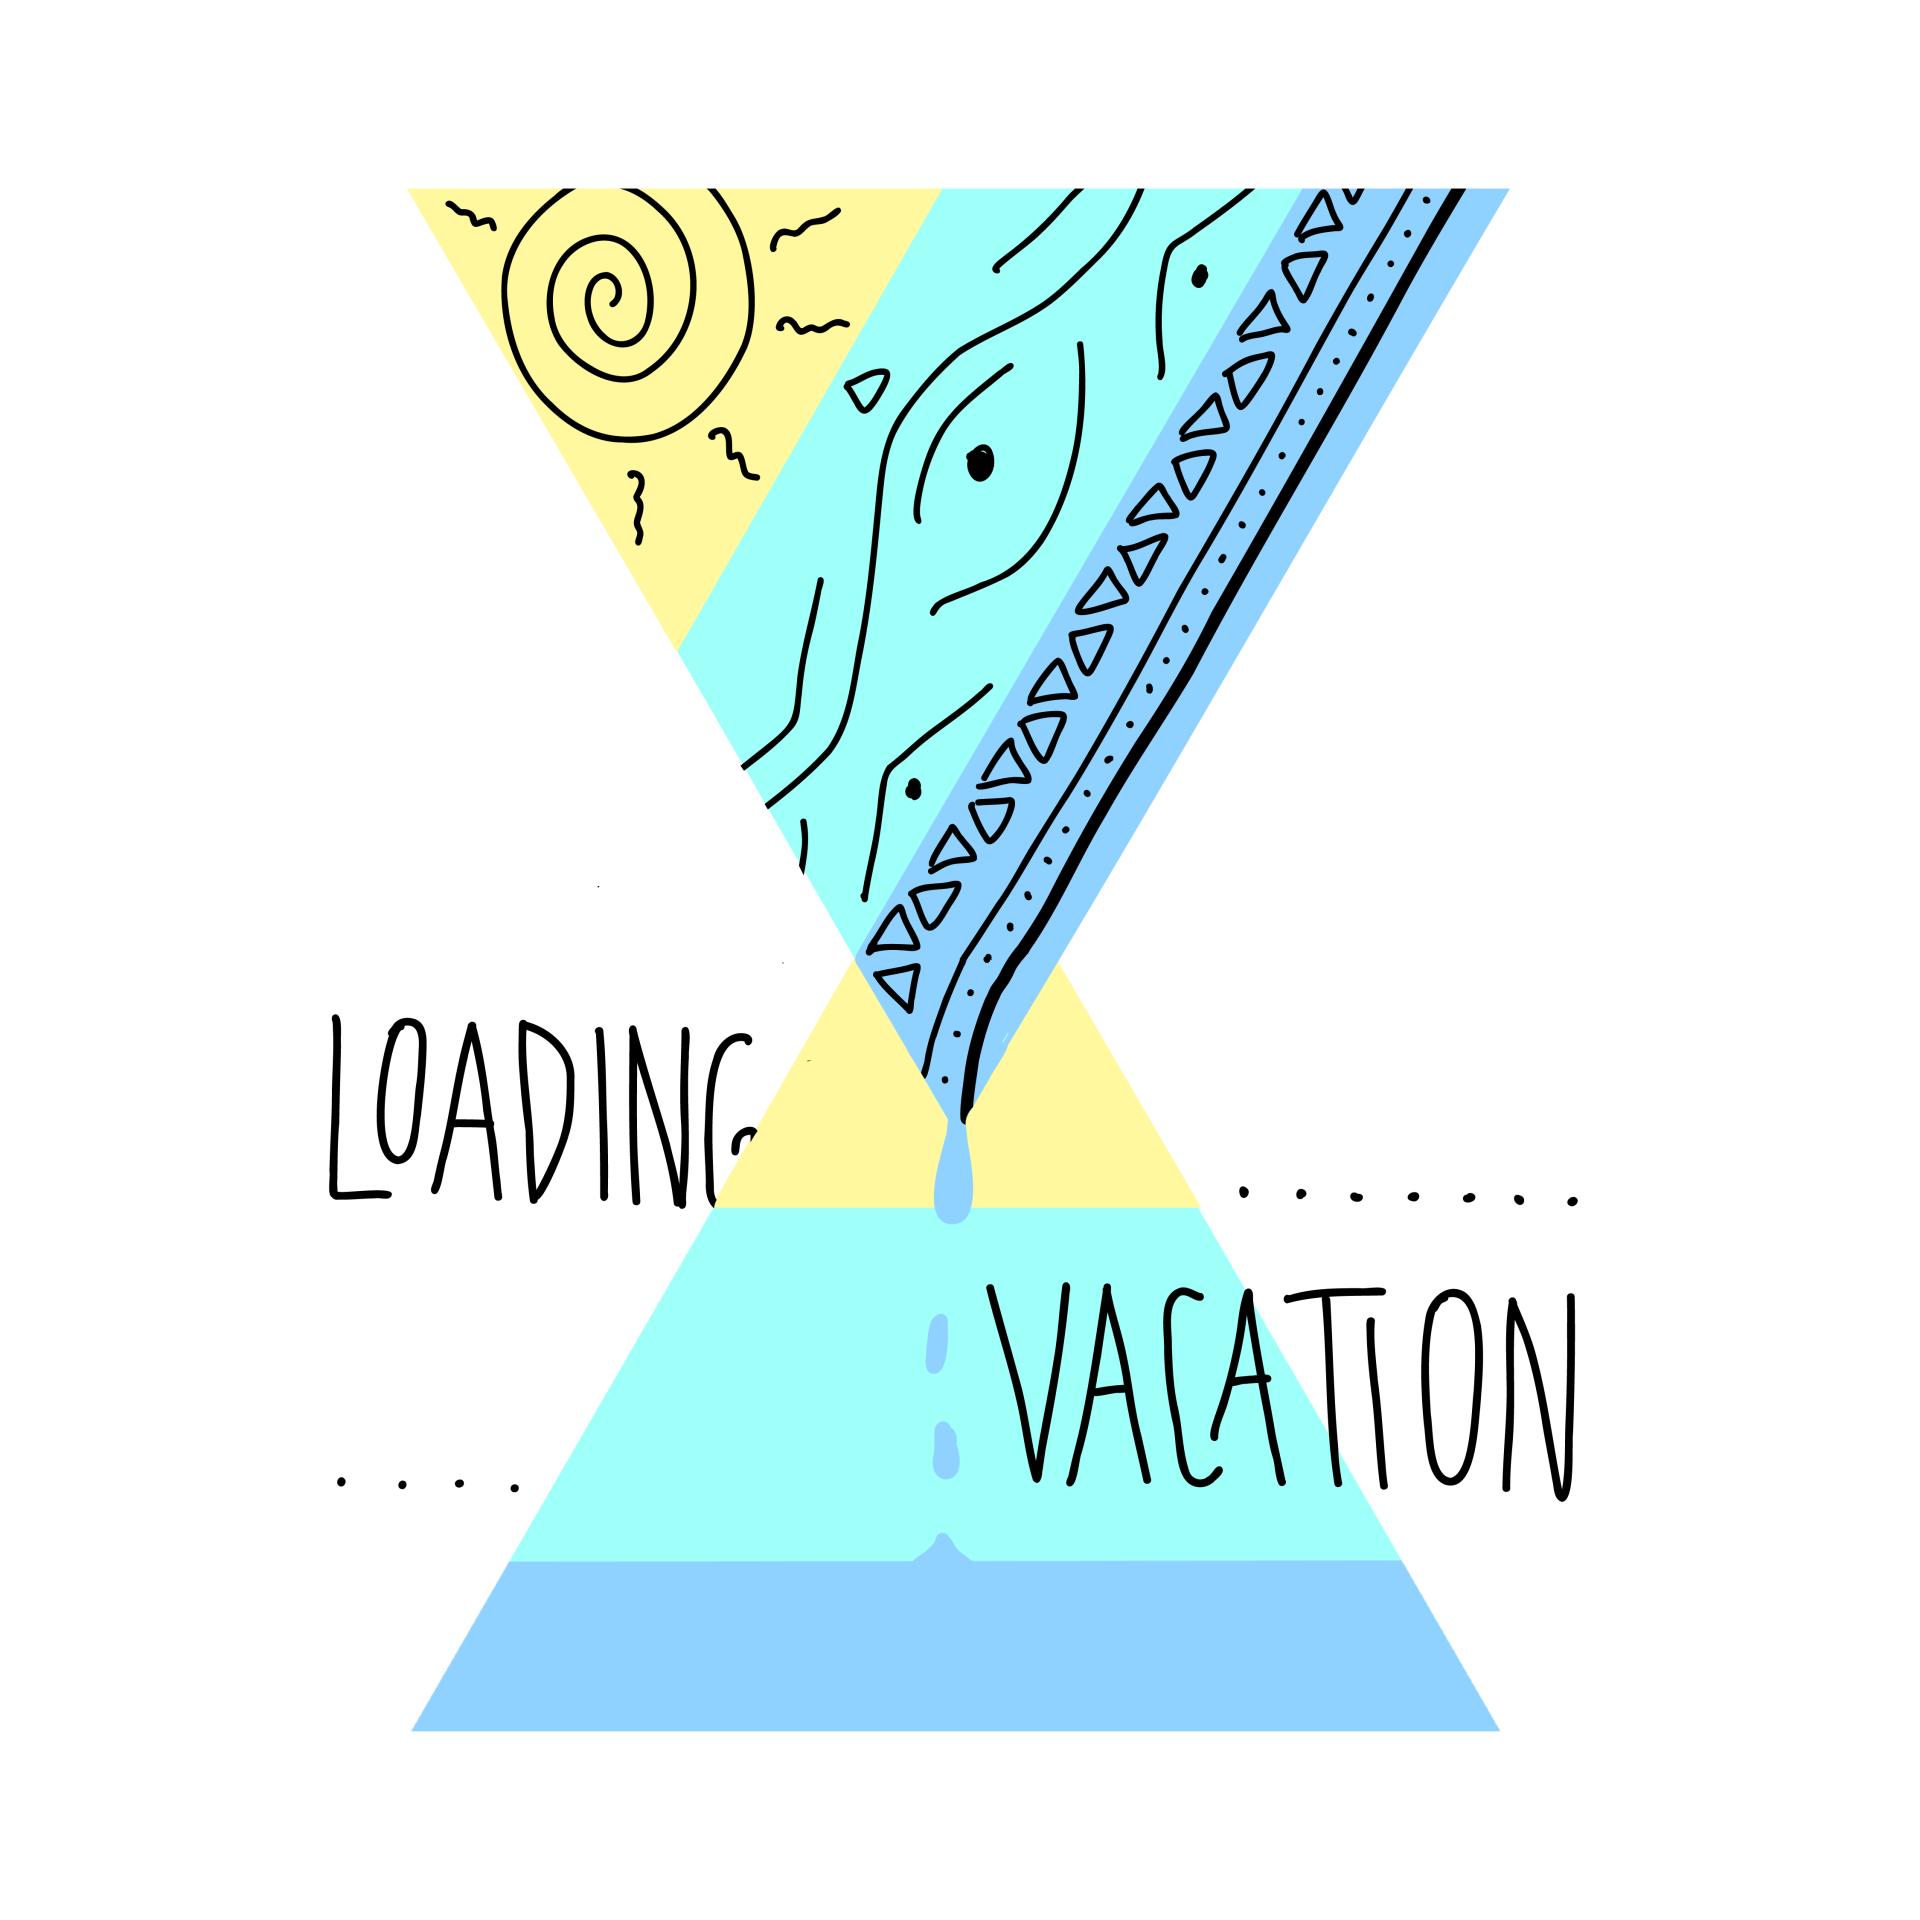 """illustration. sanduhr-form, nur 2d. beide dreiecke sind in drei teilen in gelb, türkis & blau eingefärbt. im oberen dreieck befinden sich in schwarz verschiedene zeichen & muster. ein paar tropfen der blauen farbe tropfen in das zweite dreieck. mittig ist der text """"loading ...... vacation"""" in zwei zeilen"""